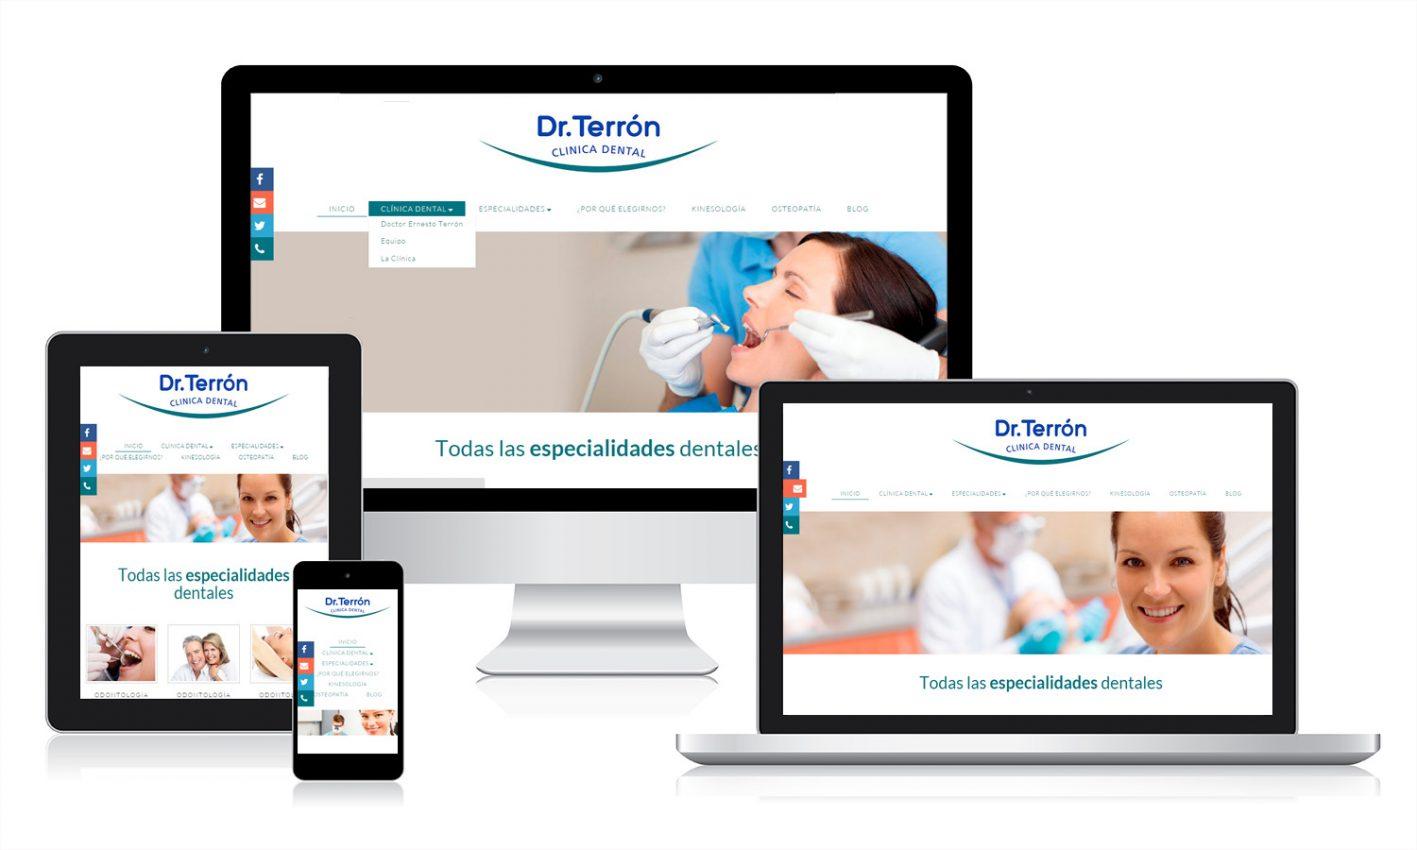 Desarrollo página web para Dr. Terrón Clínica Dental